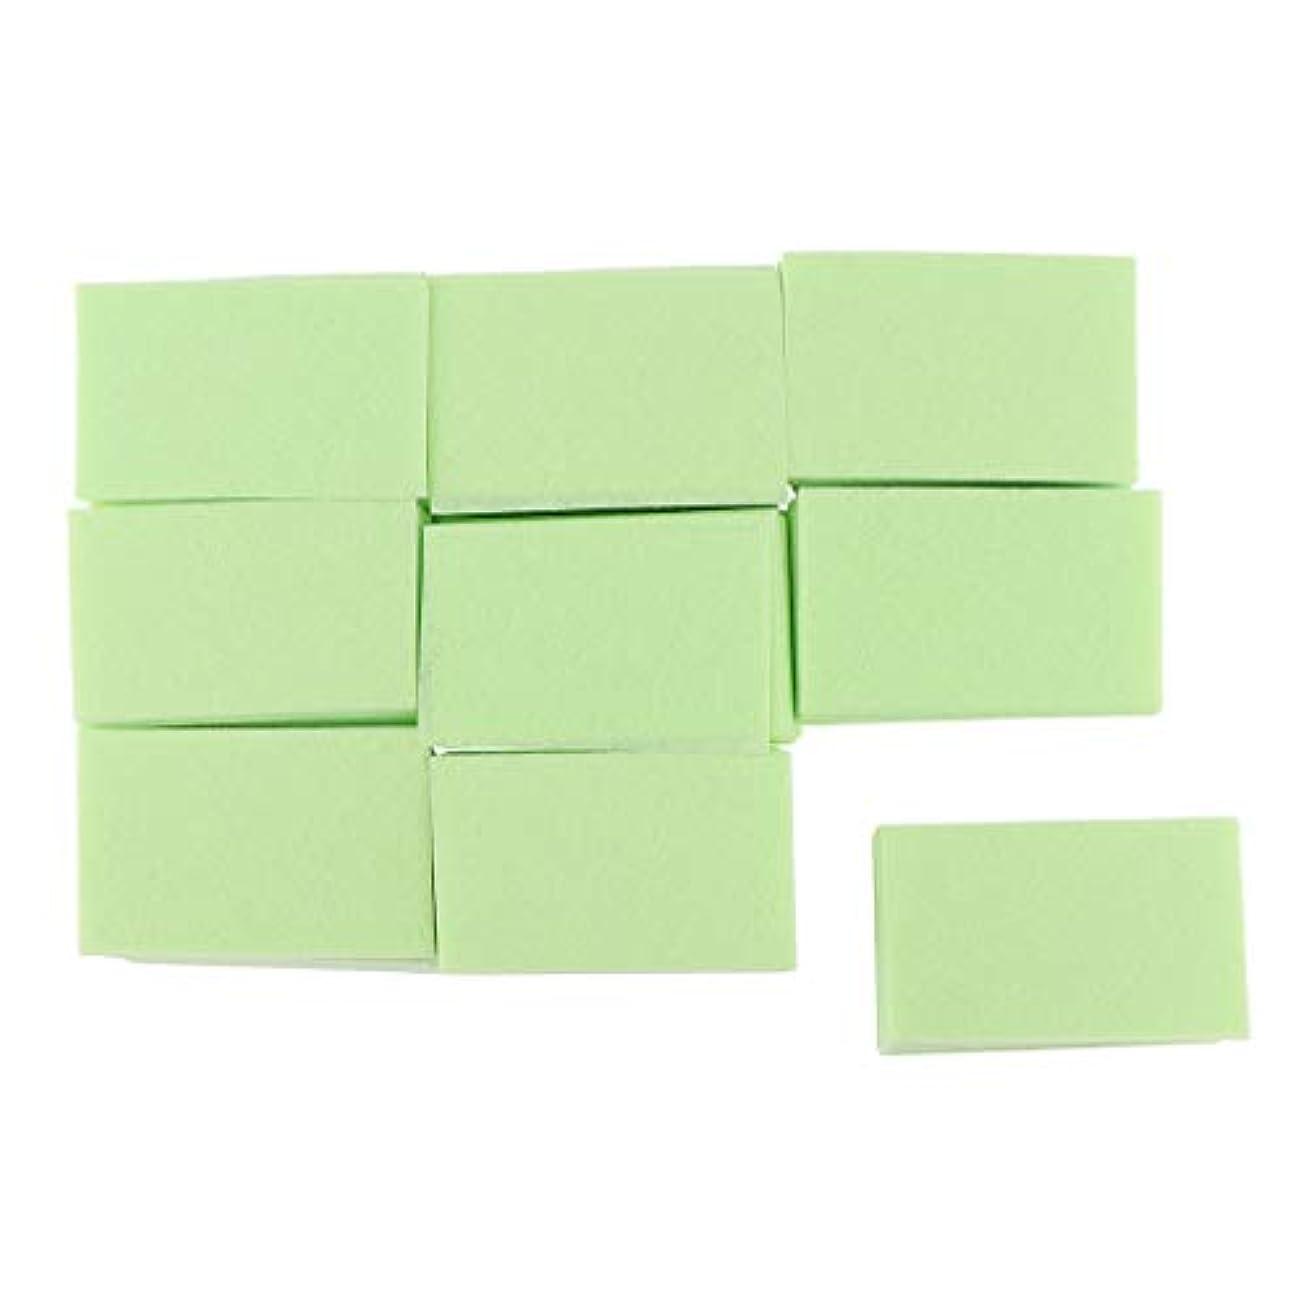 F Fityle 約700枚 ネイルポリッシュリムーバー コットンパッド マニキュア 2色選べ - 緑